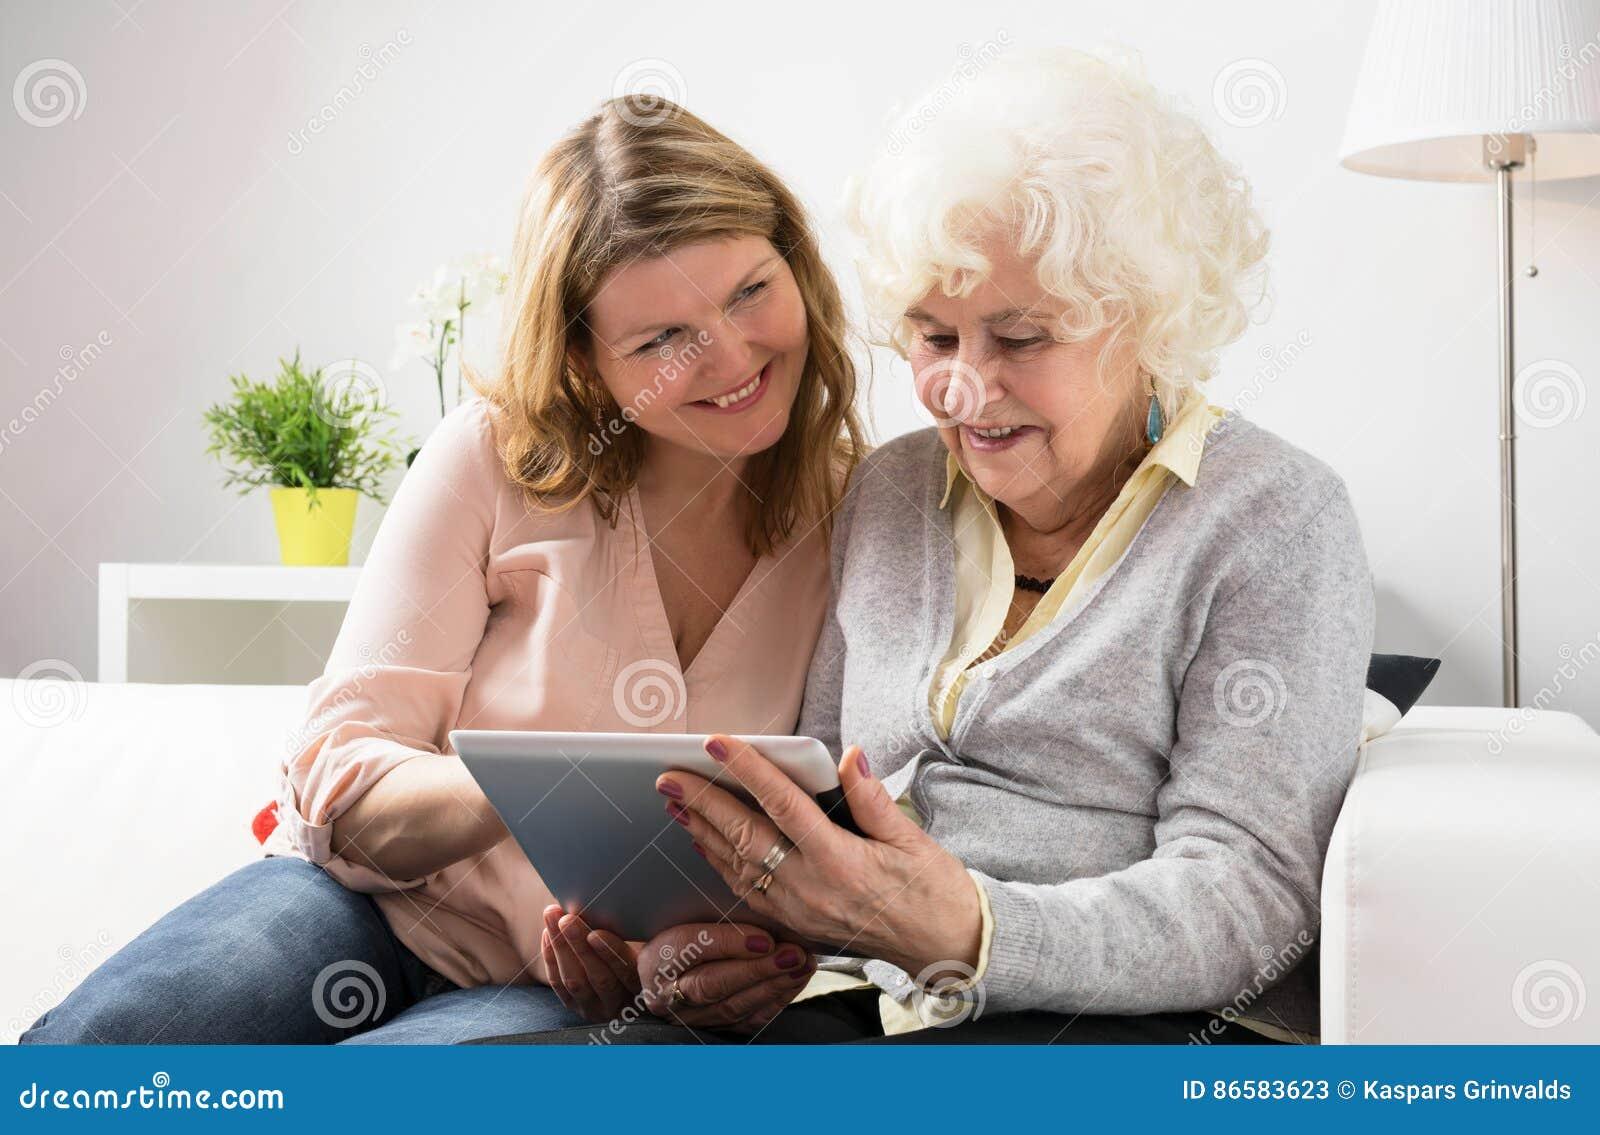 Sondotterundervisningfarmor hur man använder minnestavlan